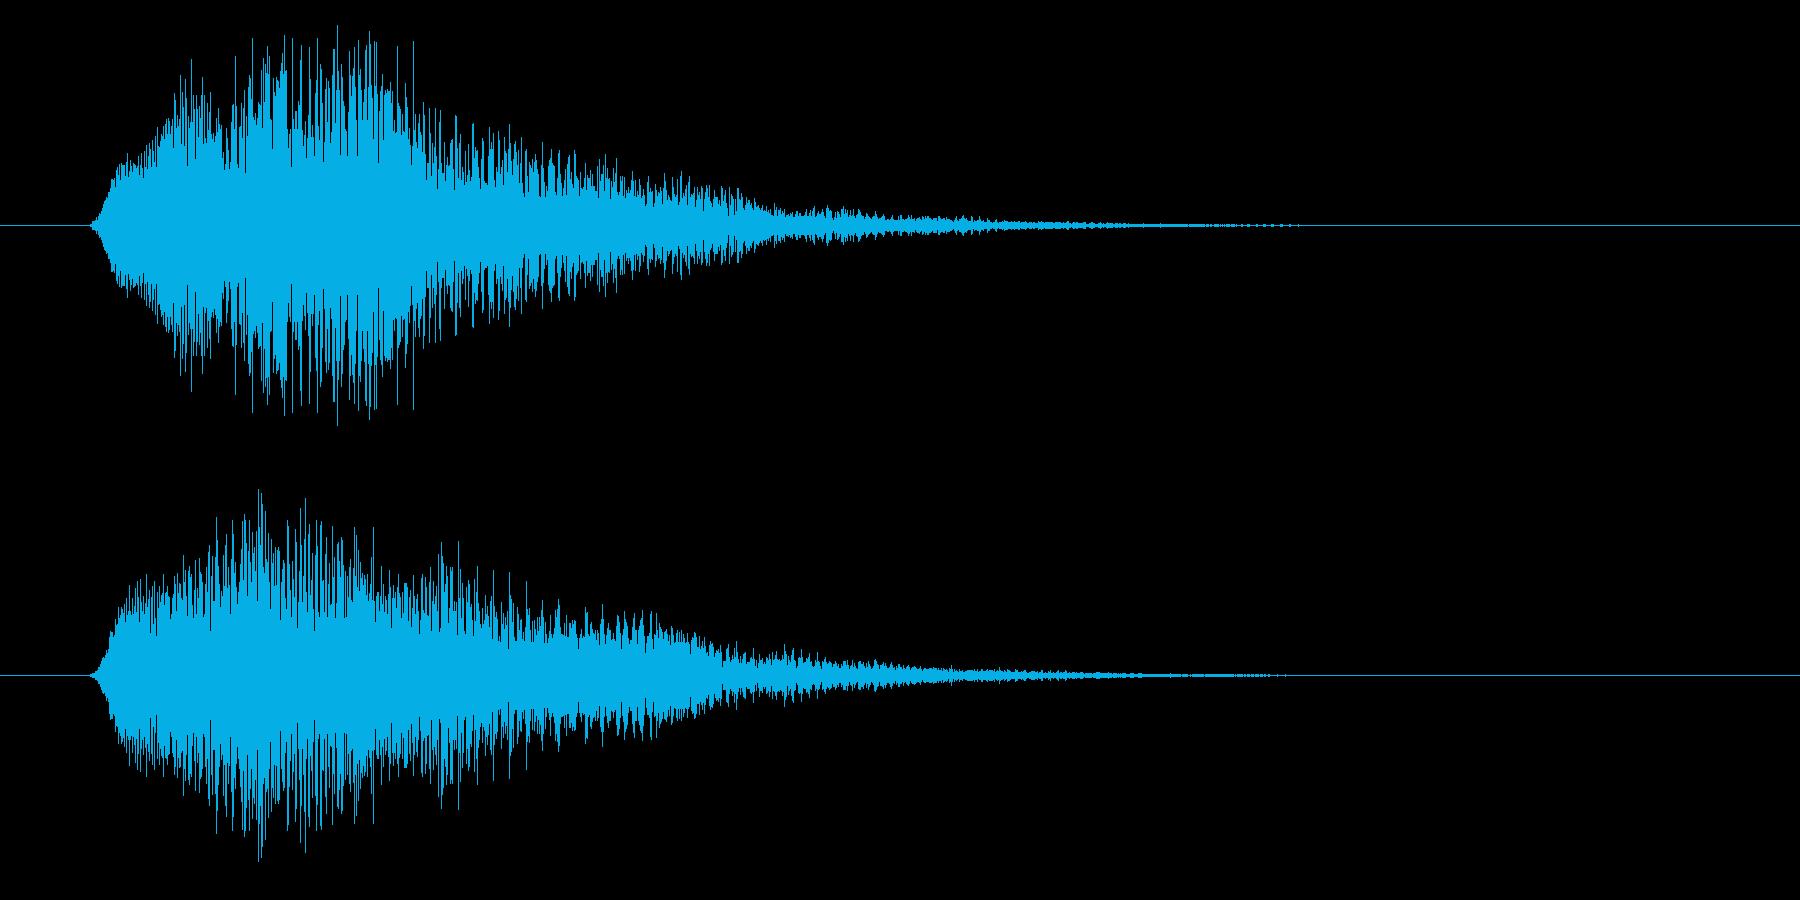 ニュース/場面転換/終了/キラキラの再生済みの波形